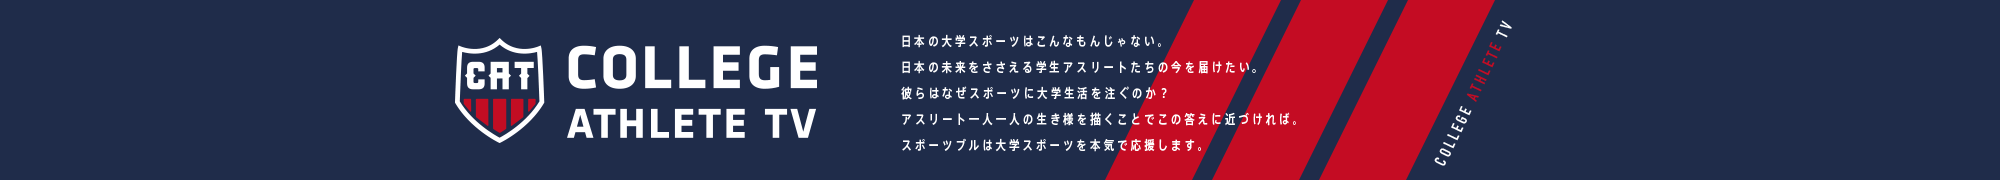 日本選手権も後半戦に入った5日目、早大からは竹内智哉(スポ3=神奈川・湘南工大付)と牧野紘子(教2=東京・東大付中教校)が出場し、共に3位入賞。それぞれ自己ベストの更新と代表入りは…